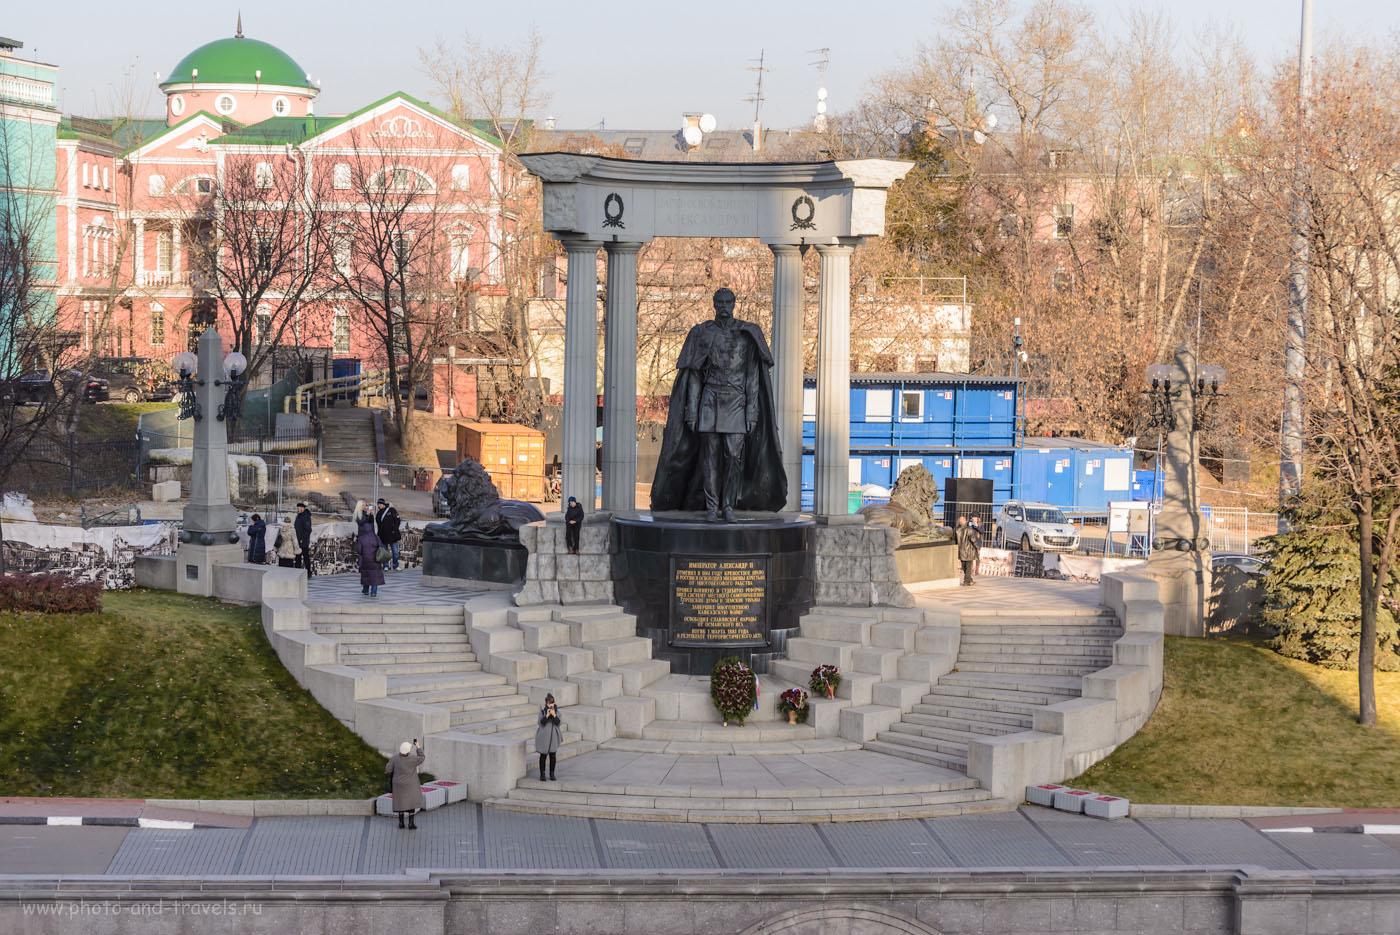 Фото 13. Царь Александр II в 1861 году отменил рабство в России… через 901 год после его запрета в Венеции (в 960 году нашей эры).